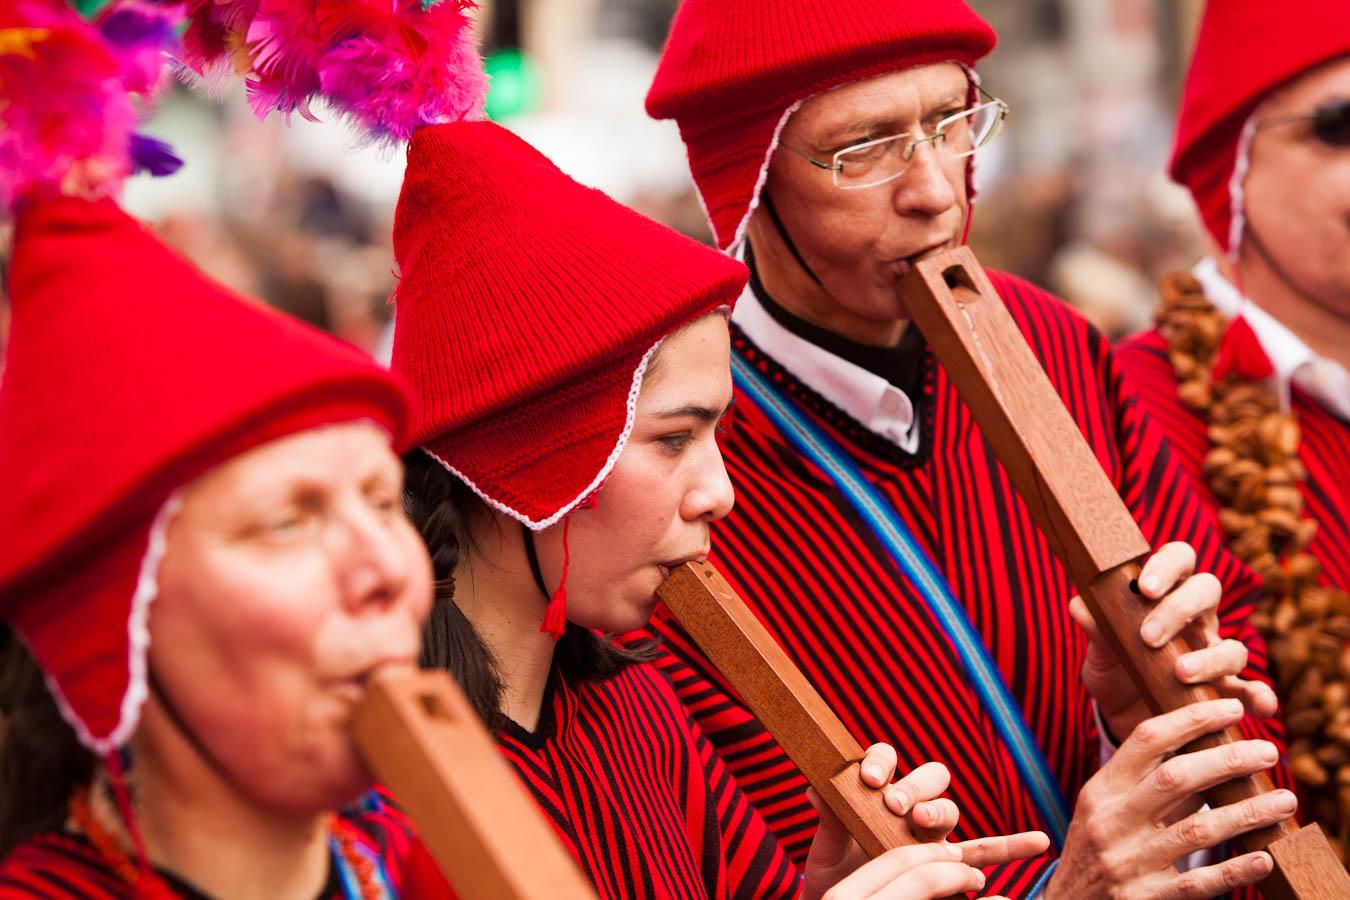 foto-festival-karneval-21